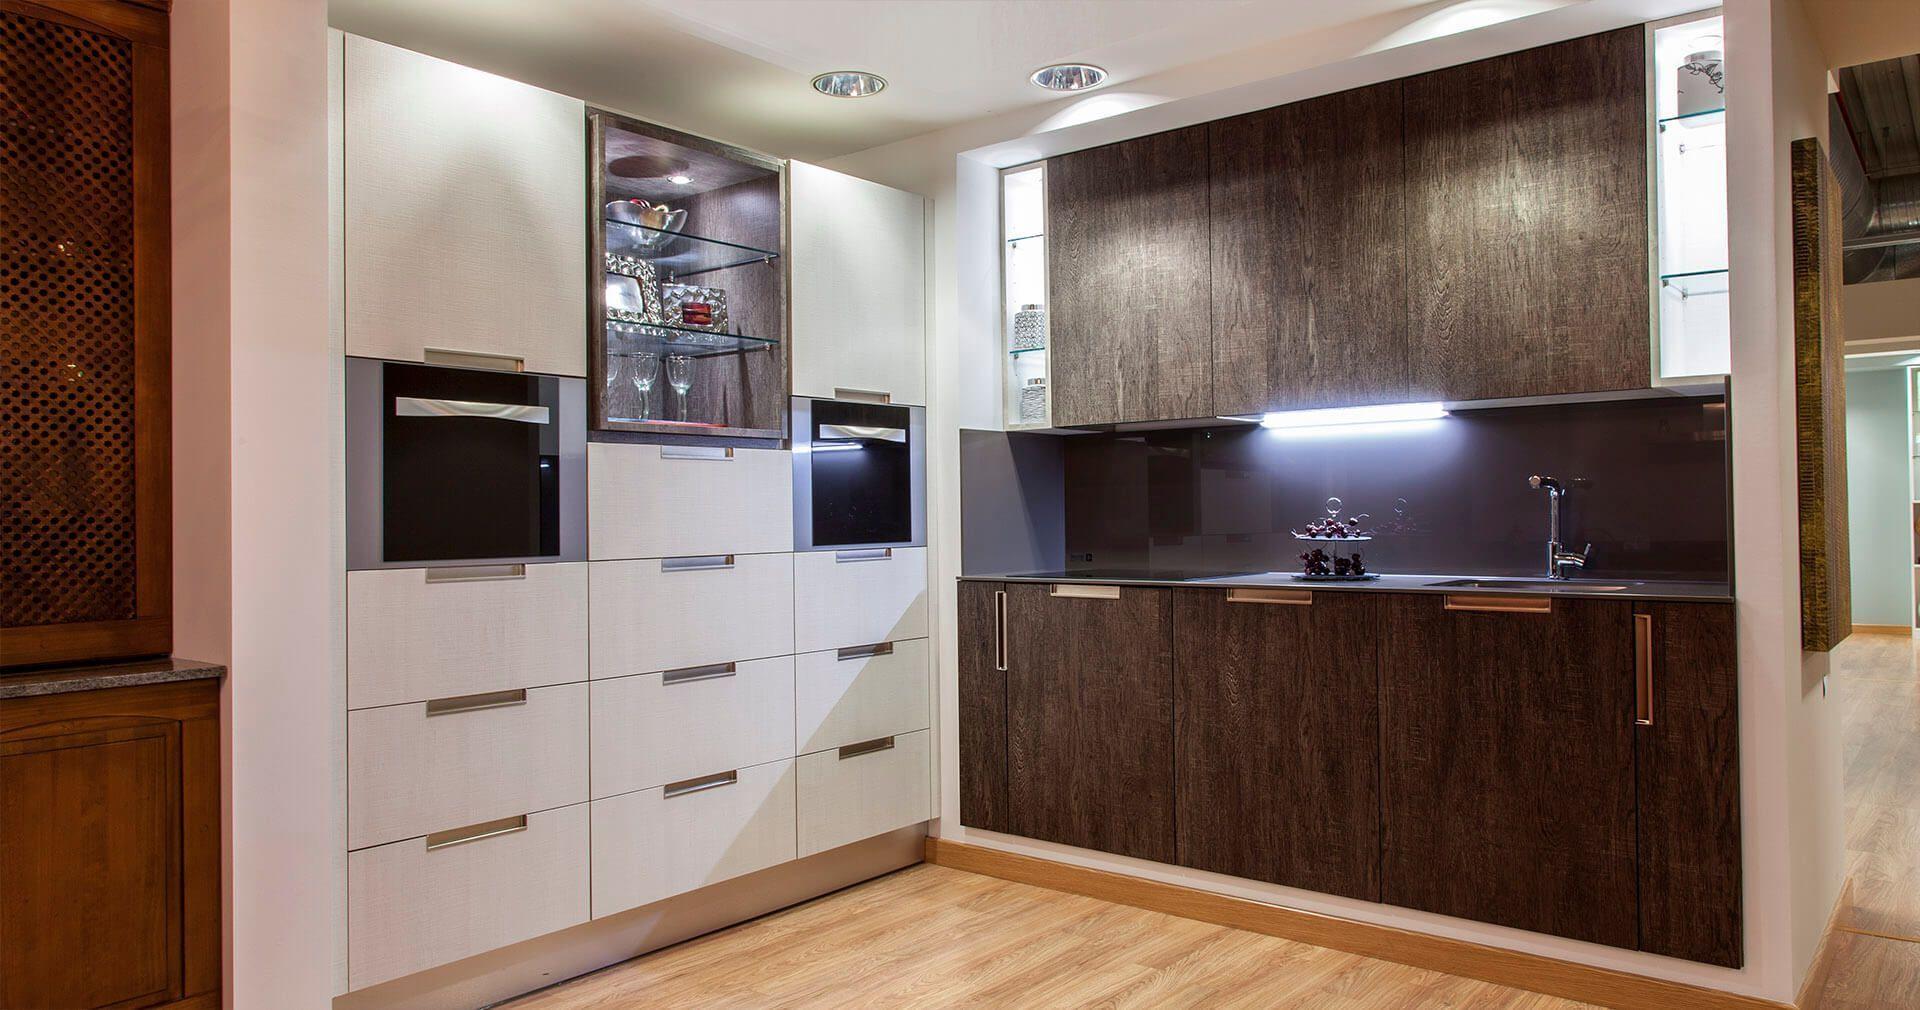 Fabricantes de muebles de cocina madrid catalogo muebles - Catalago de muebles ...